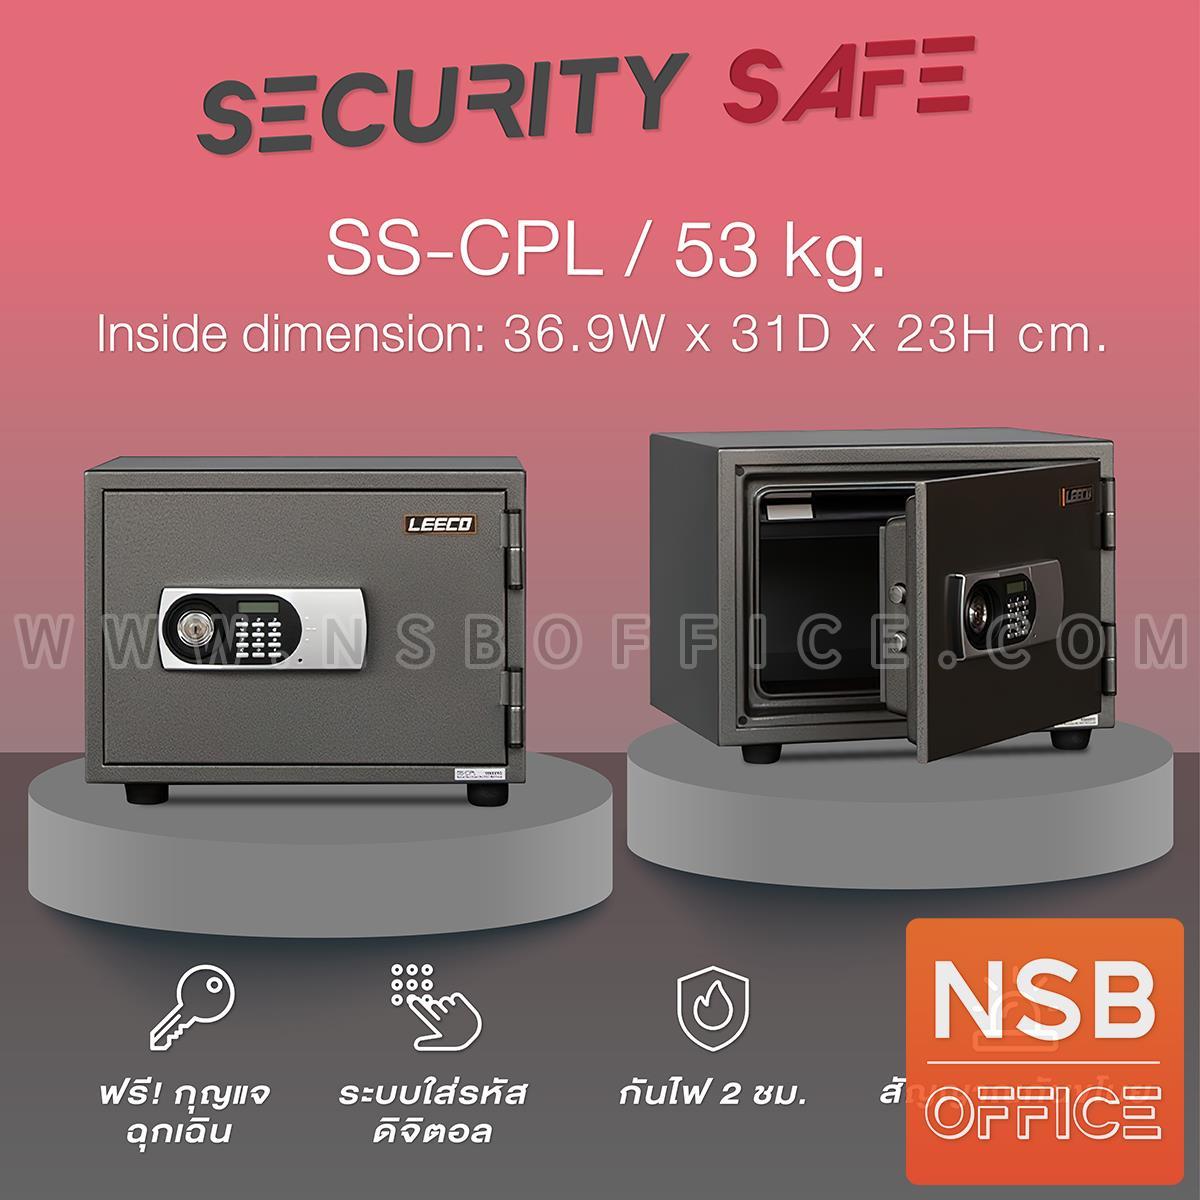 ตู้เซฟดิจิตอล 53 กก. ลีโก้ รุ่น SS-CPL  1 กุญแจ 1 รหัส